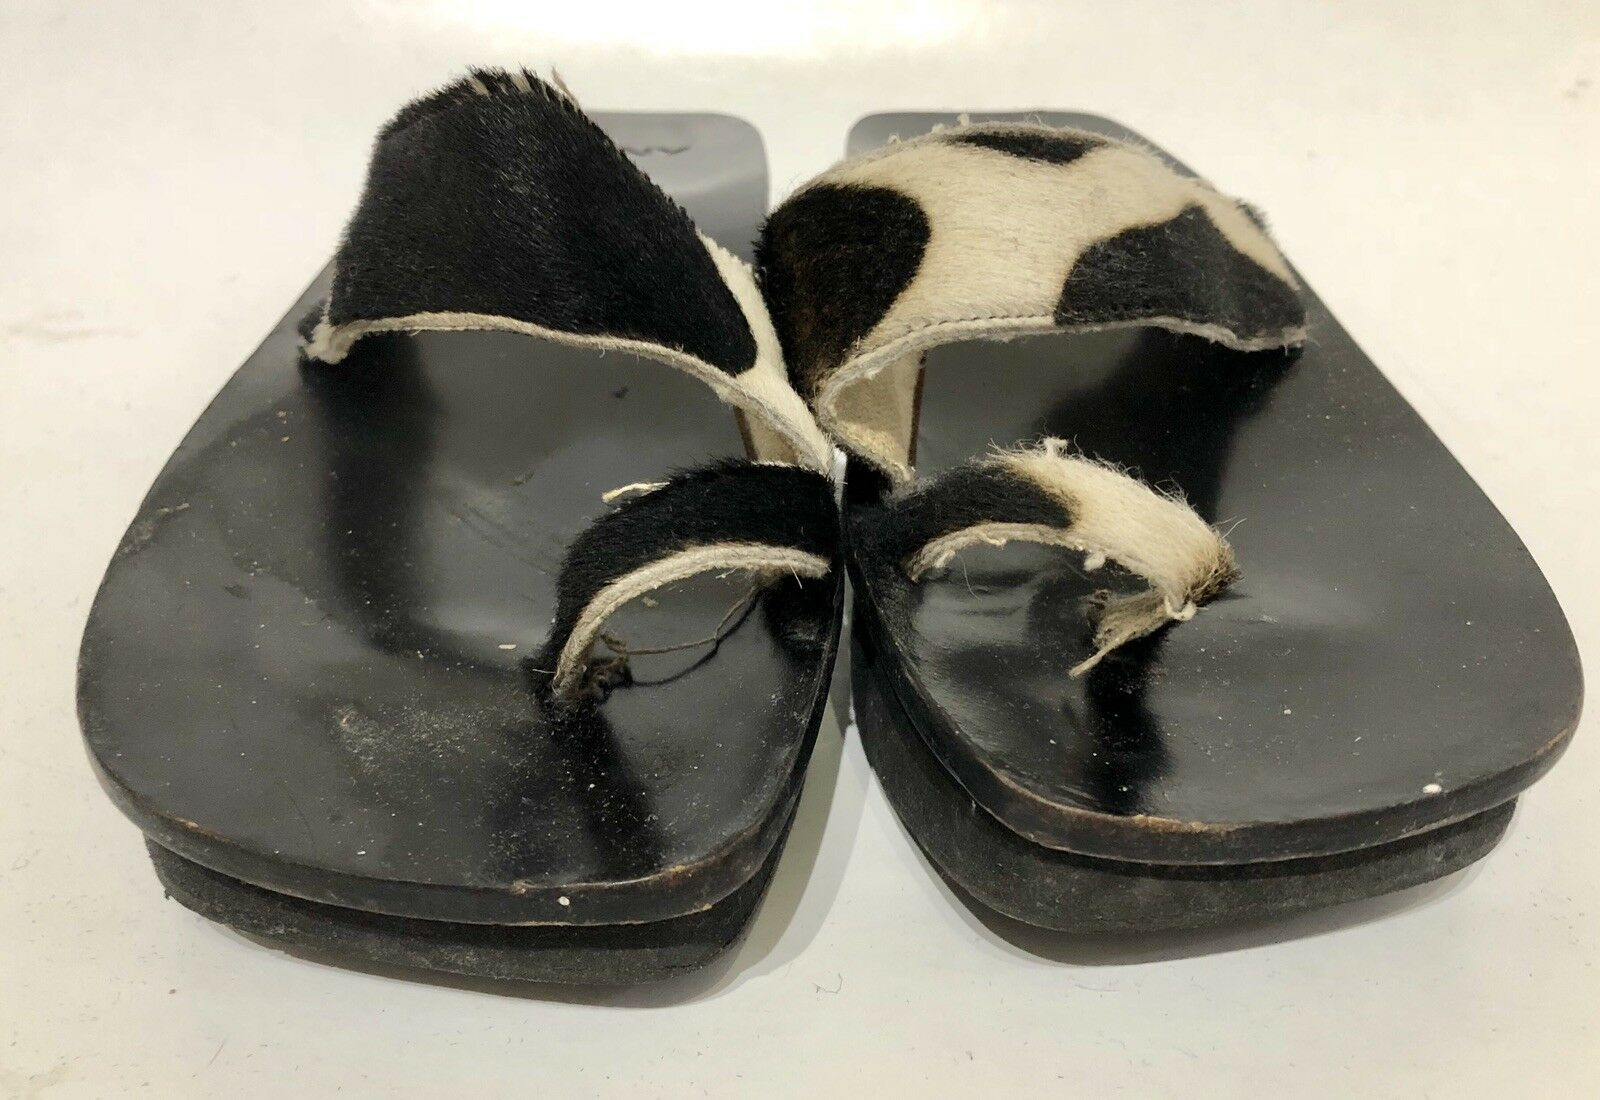 Dkny Zapato Negro Tamaño 6